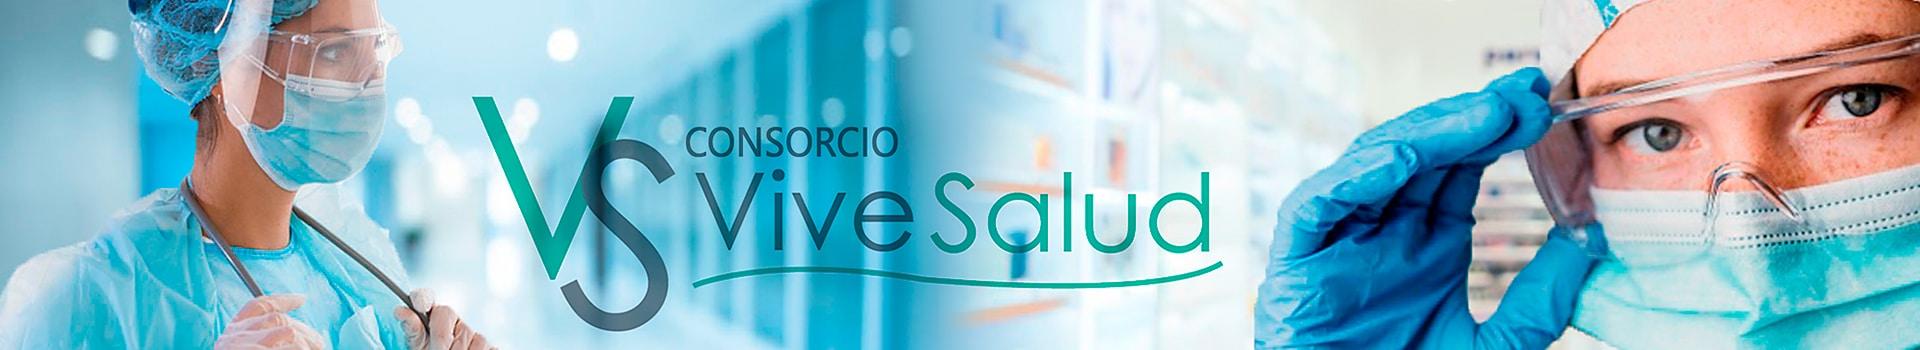 Tienda VyS Vive Salud